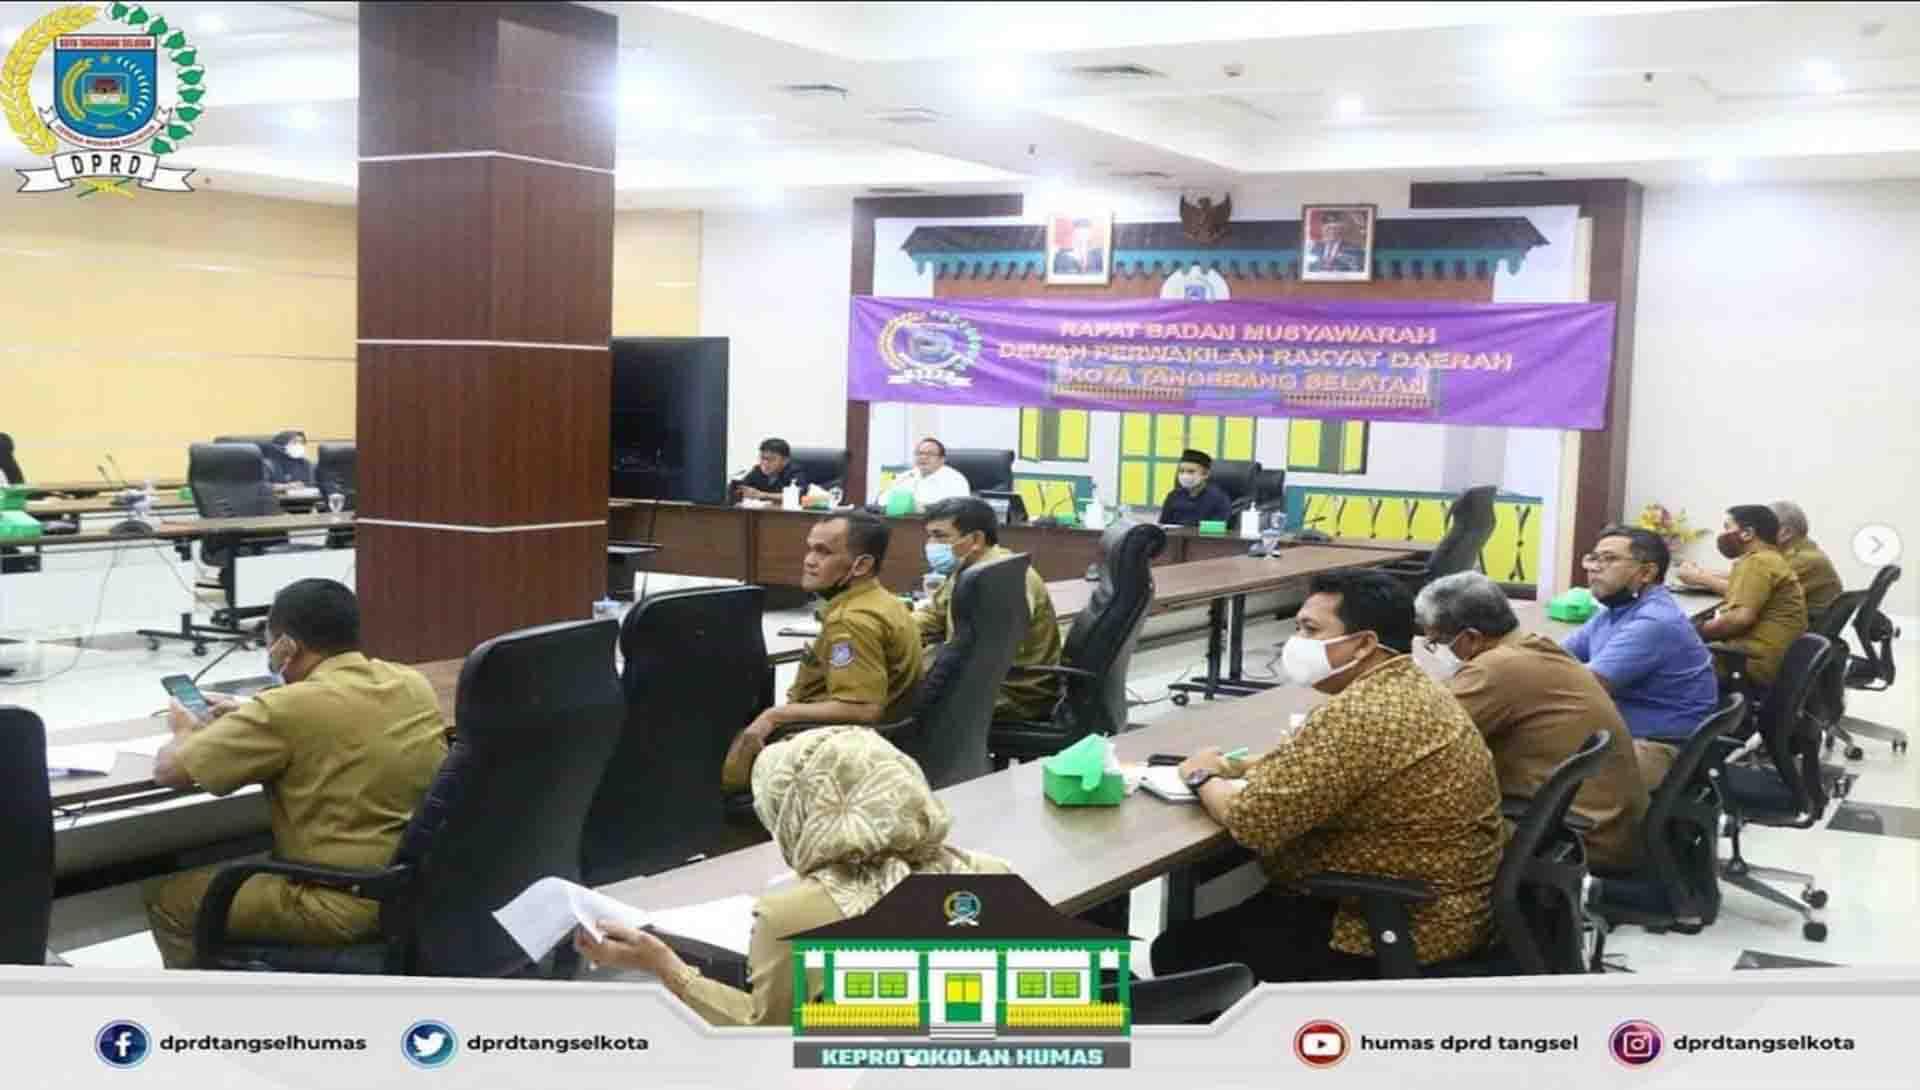 Rapat Banmus dengan Agenda Penjadwalan Kegiatan Alat Kelengkapan DPRD